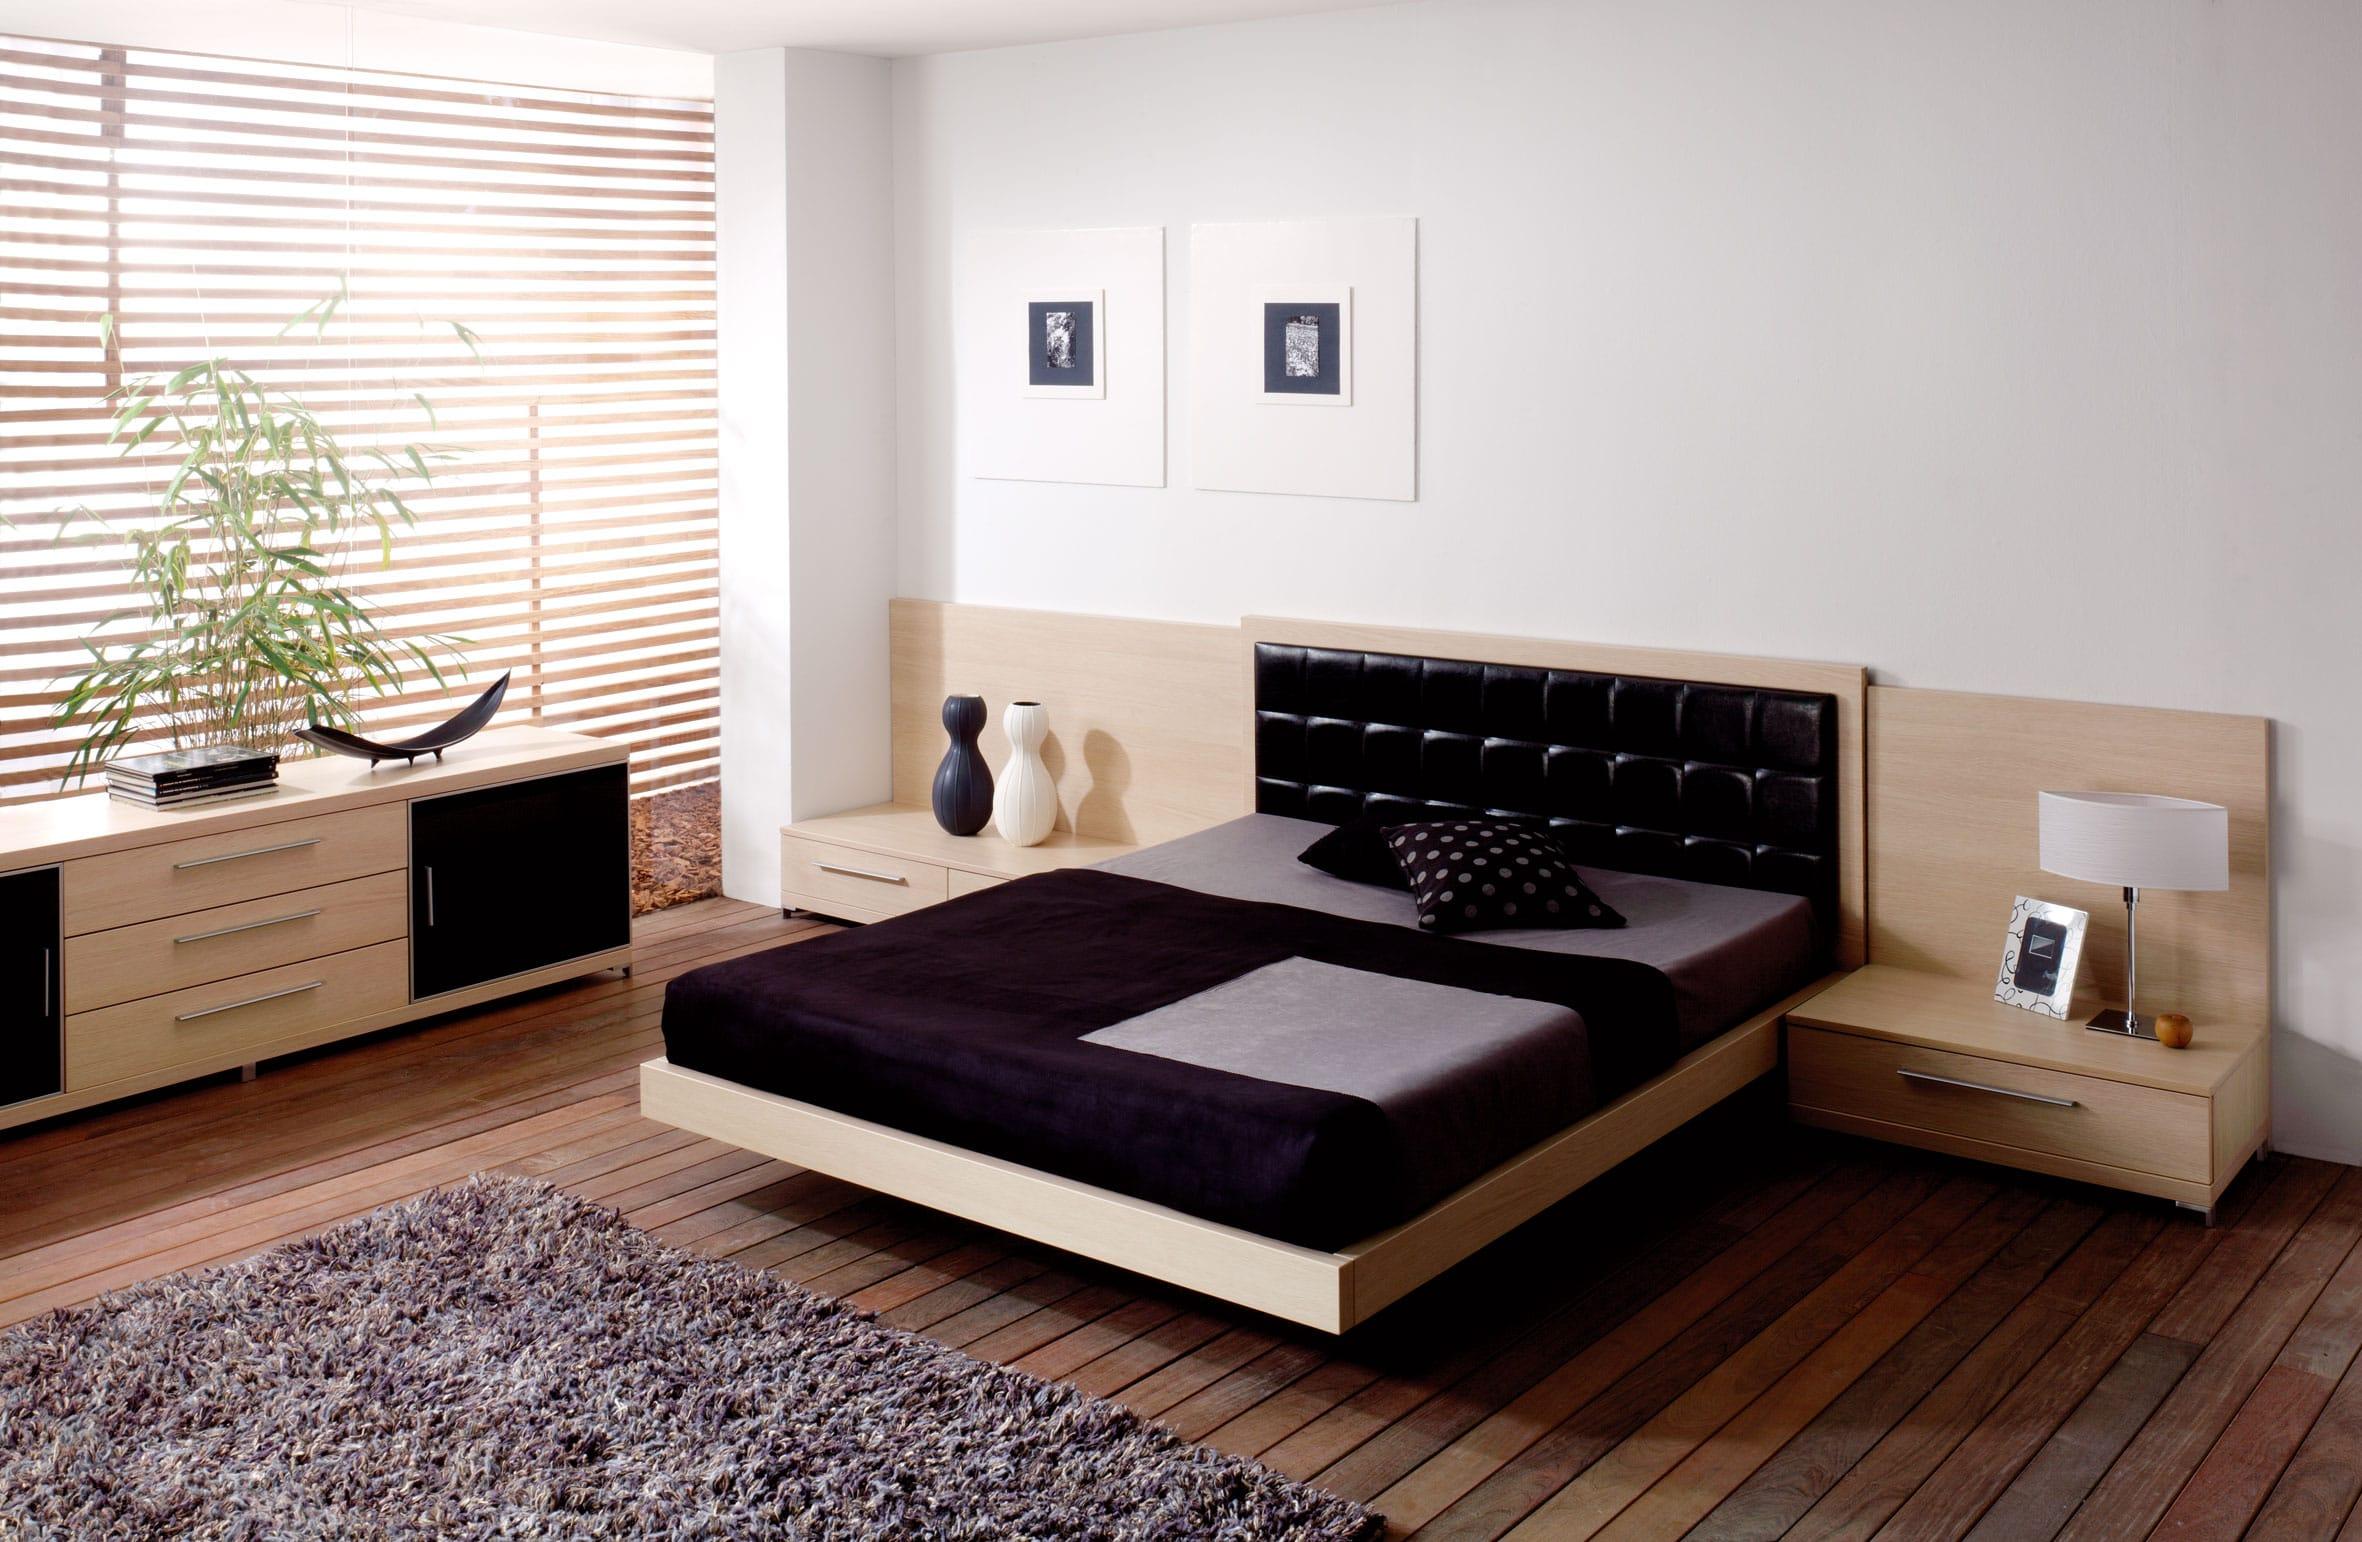 Dormitorio matrimonio dise o a medida casa dise o for Diseno de muebles para dormitorio de nina